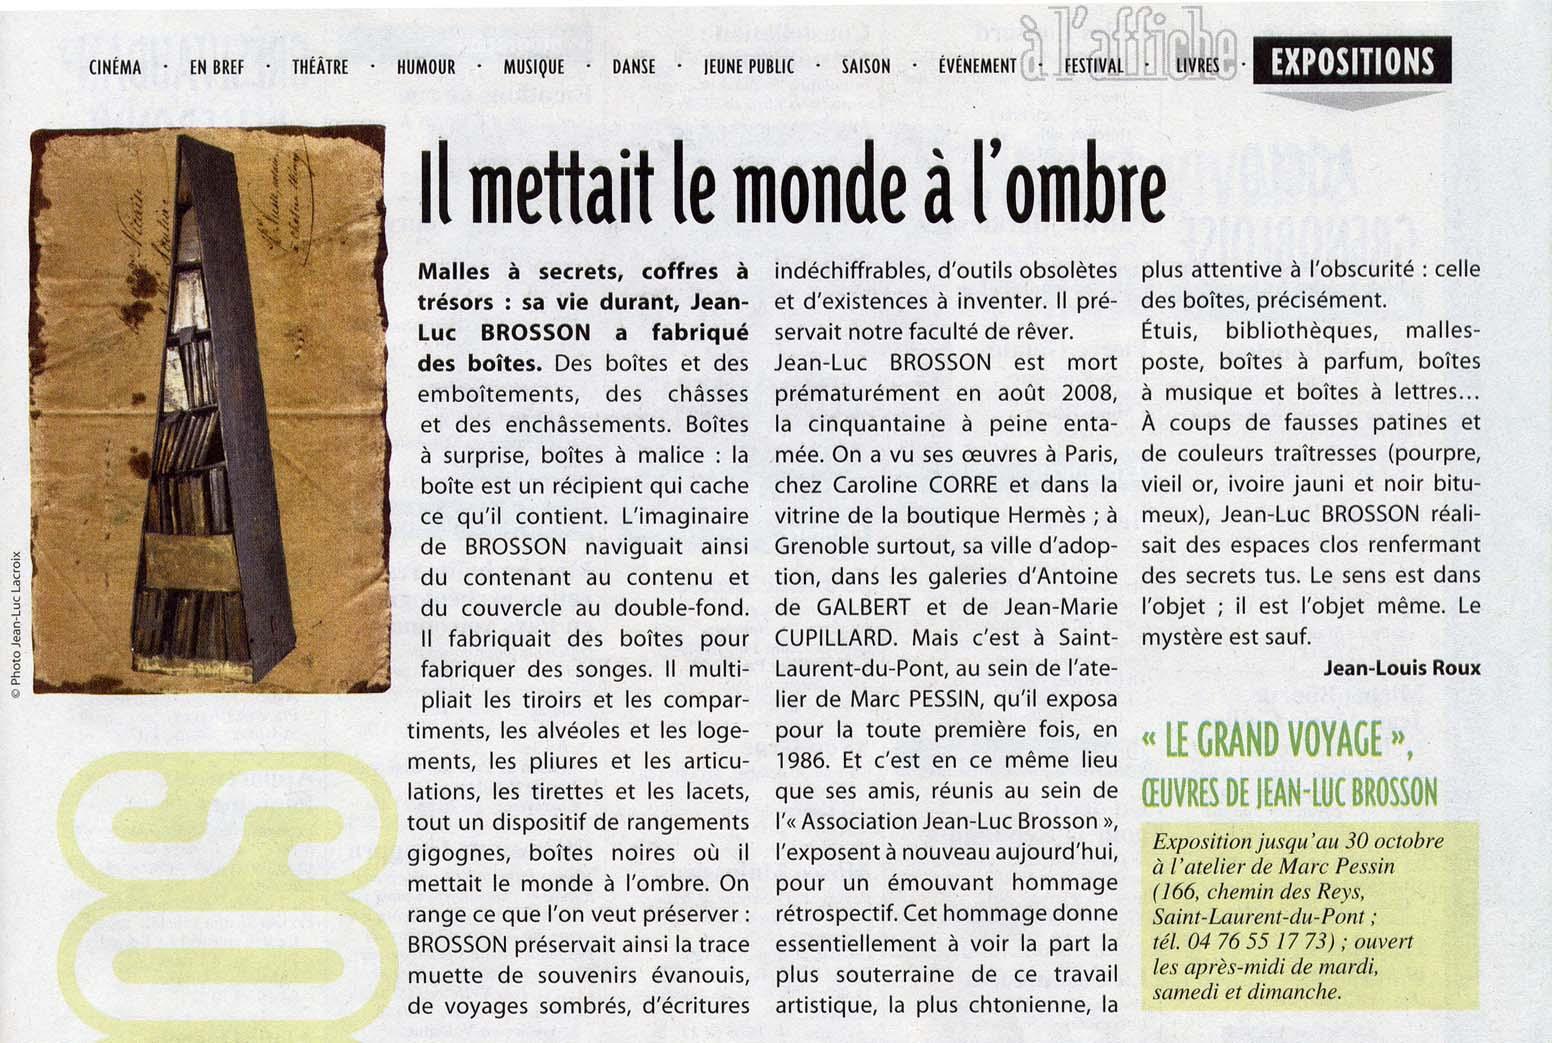 article_affiches_7_octobre_2011